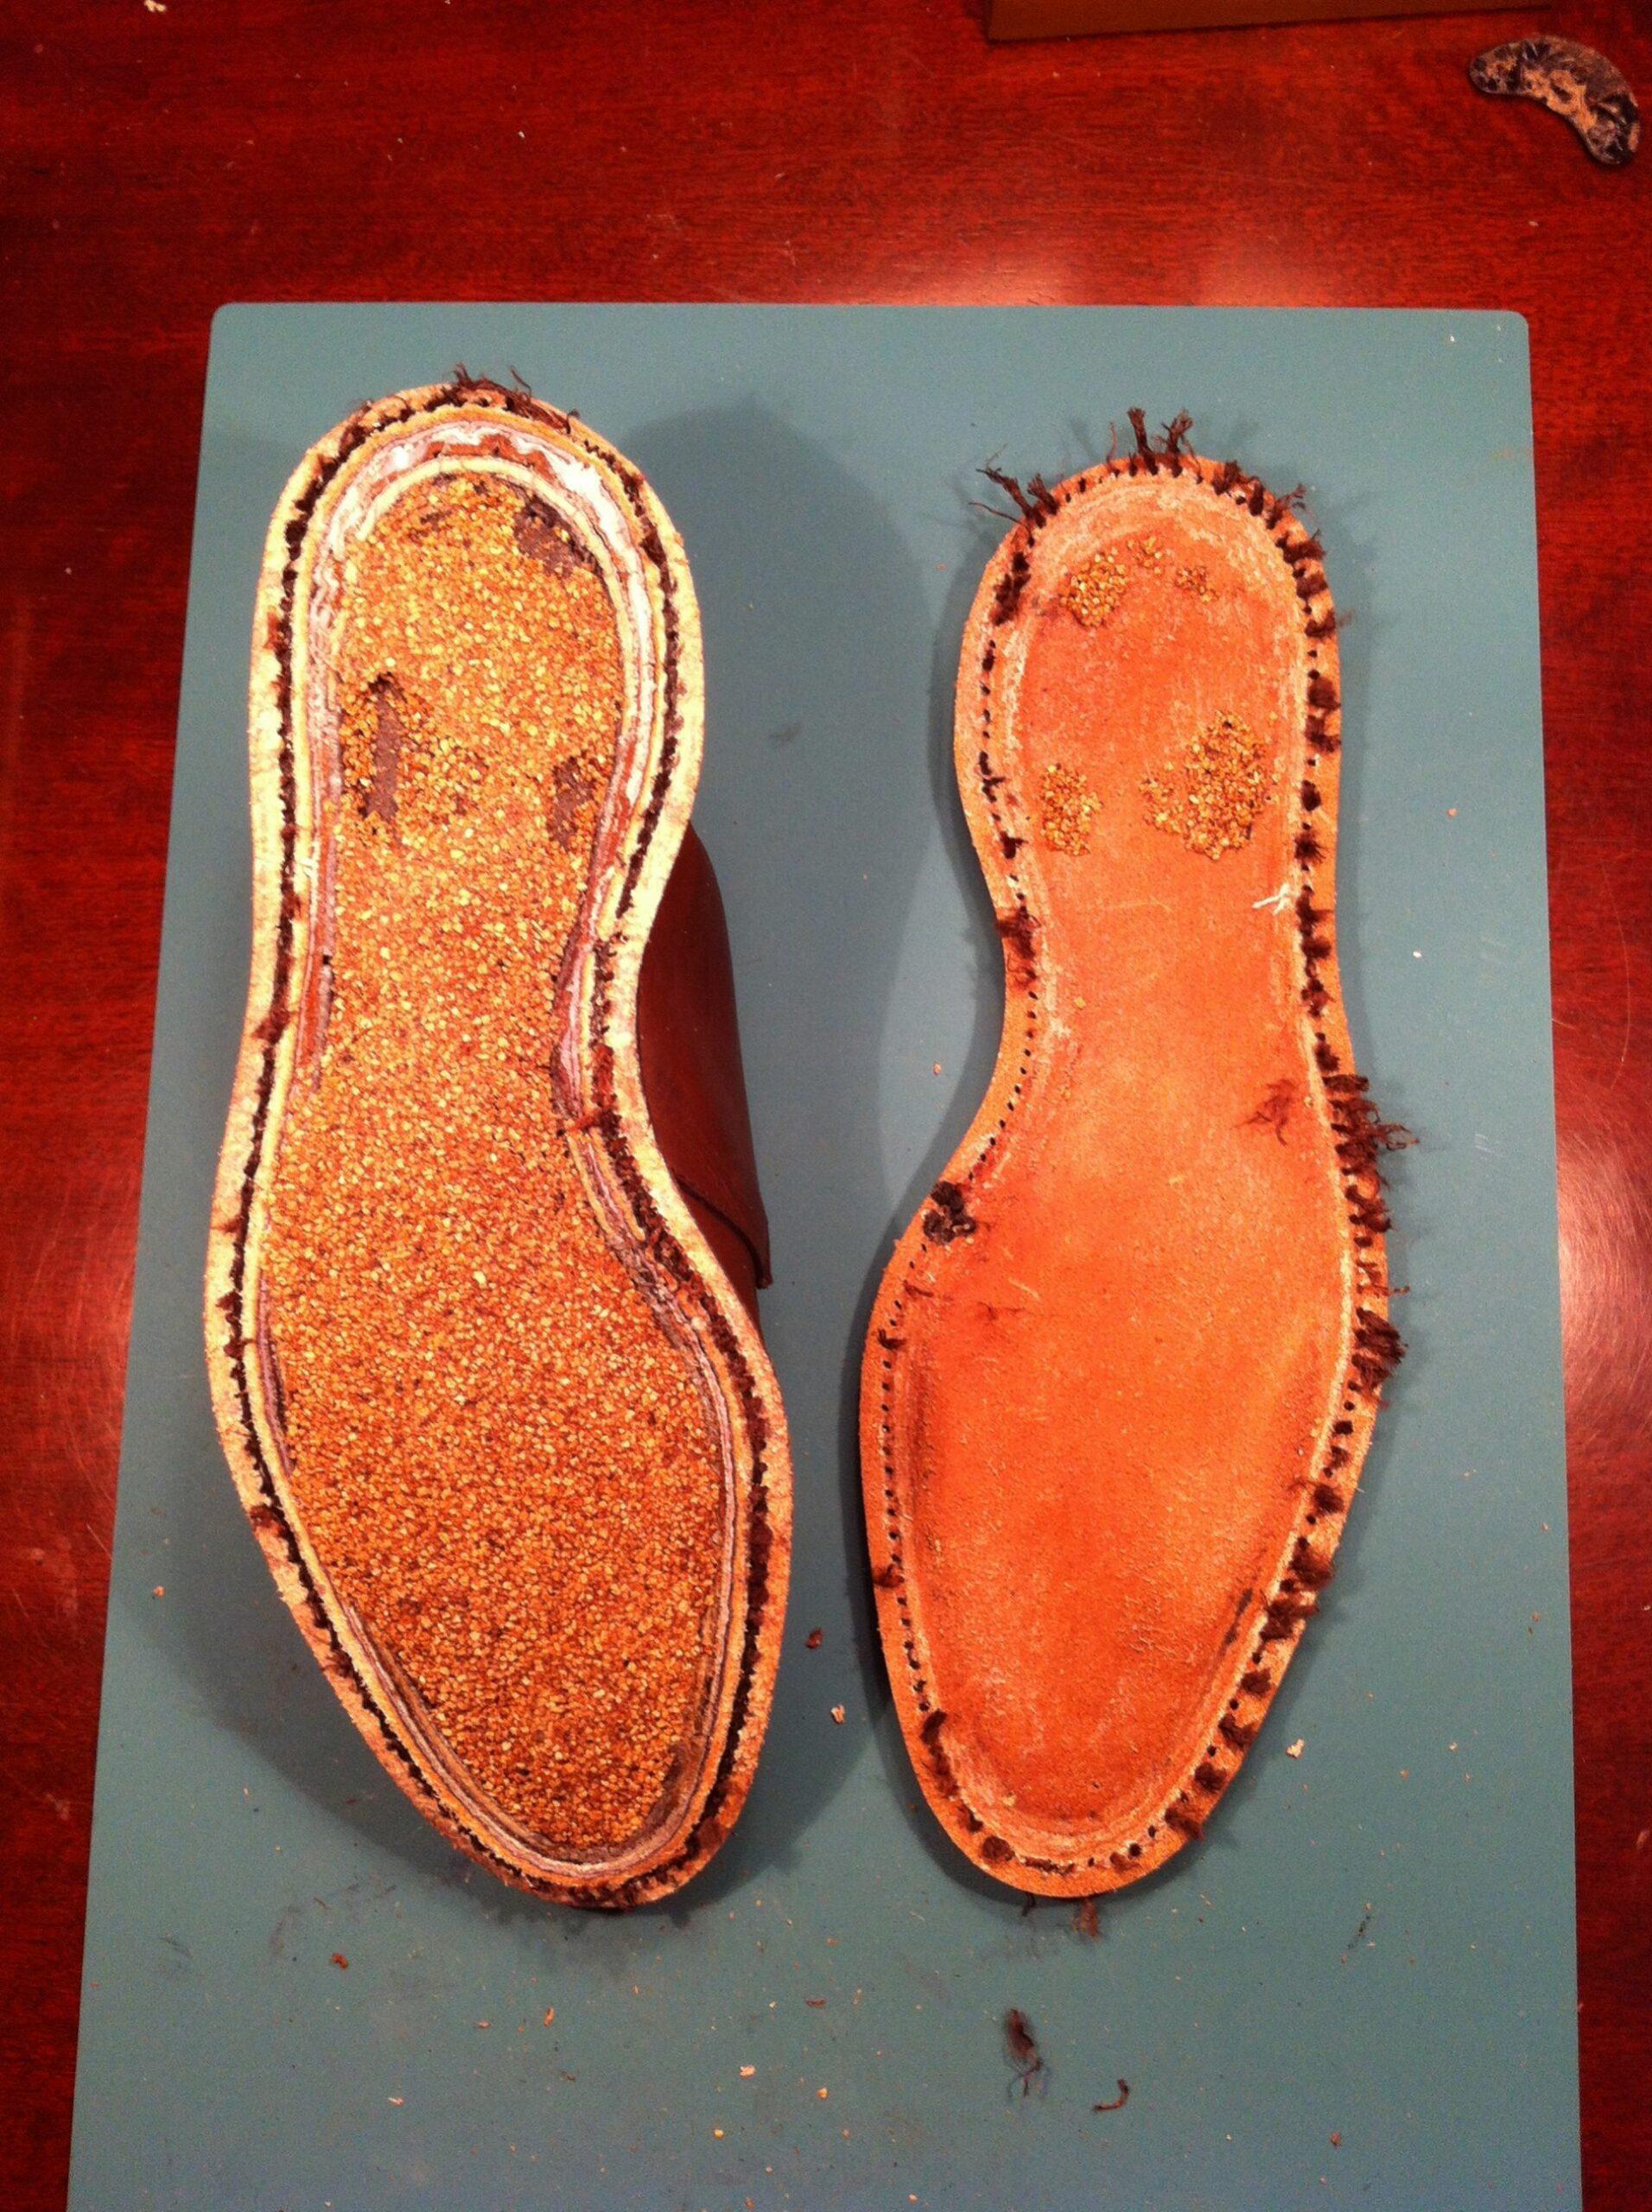 Cousu baraquette sur une paire d'Allen Edmonds, la couture fait le tour du talon. (Source : Reddit)